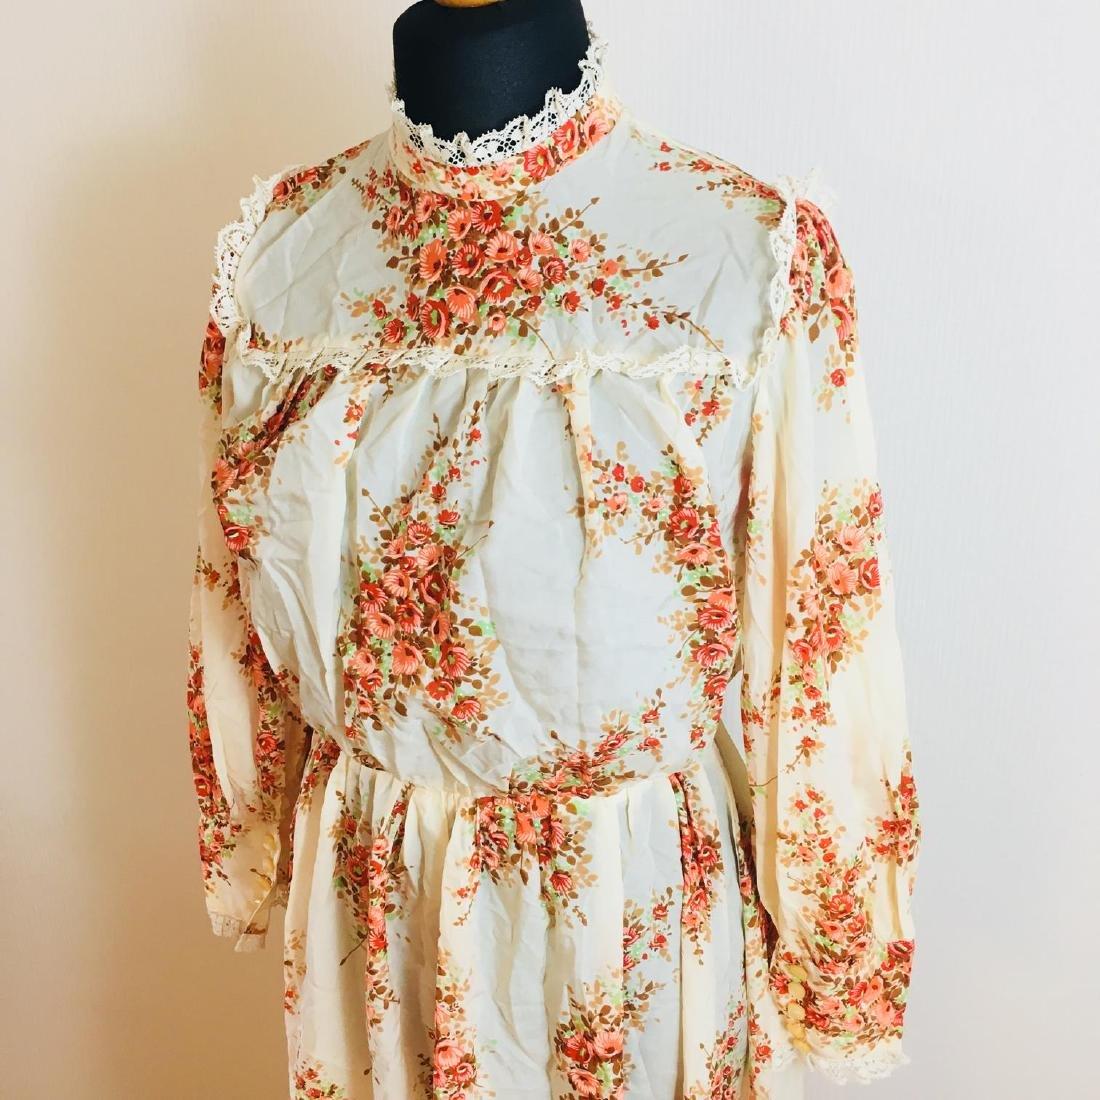 Vintage Women's Cocktail Maxi Dress Size EUR 38 US 8 - 2